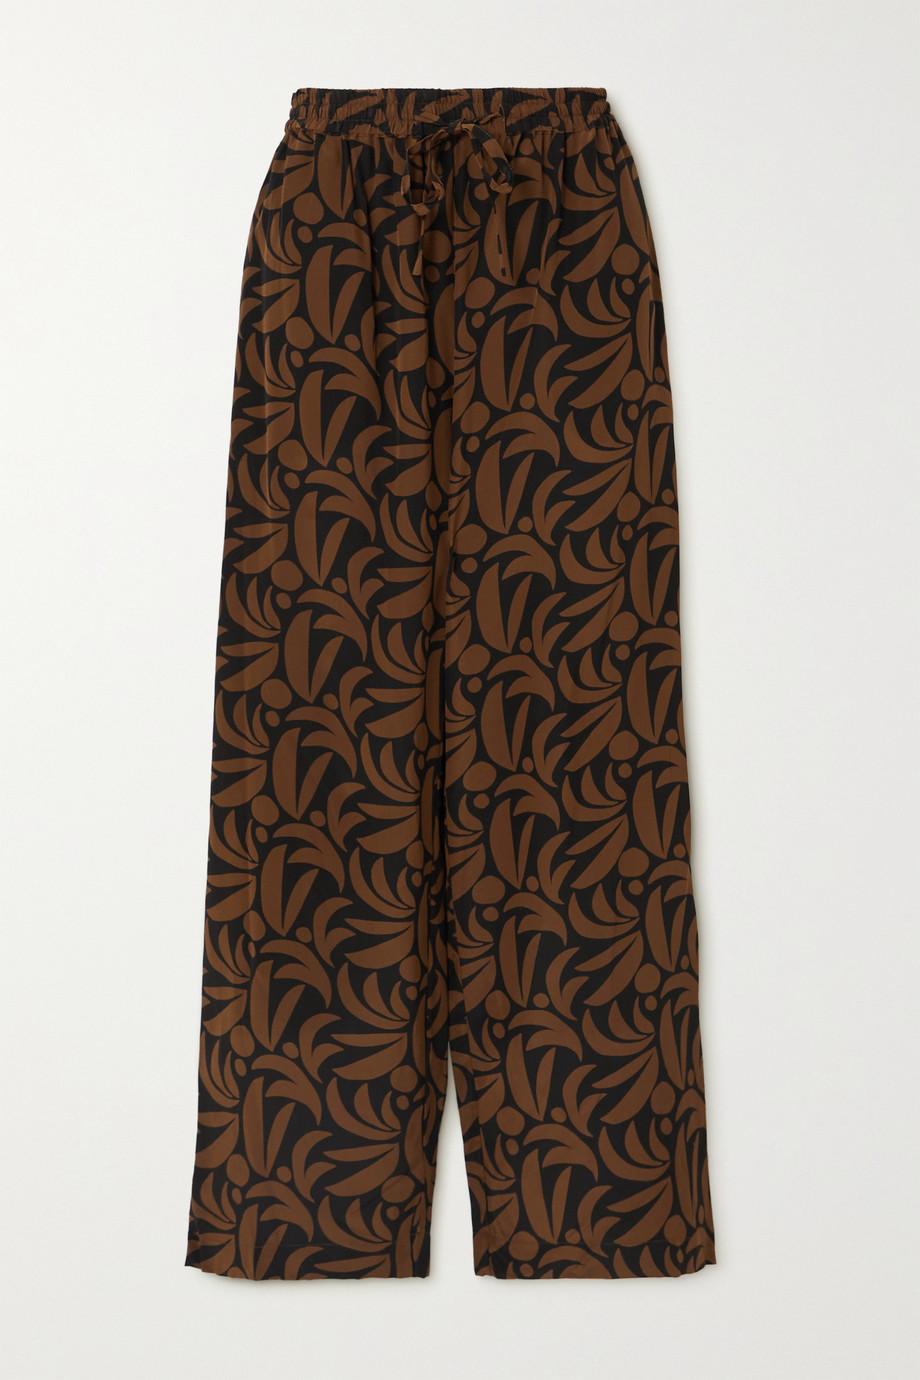 Matteau Pantalon droit en soie imprimée - NET SUSTAIN